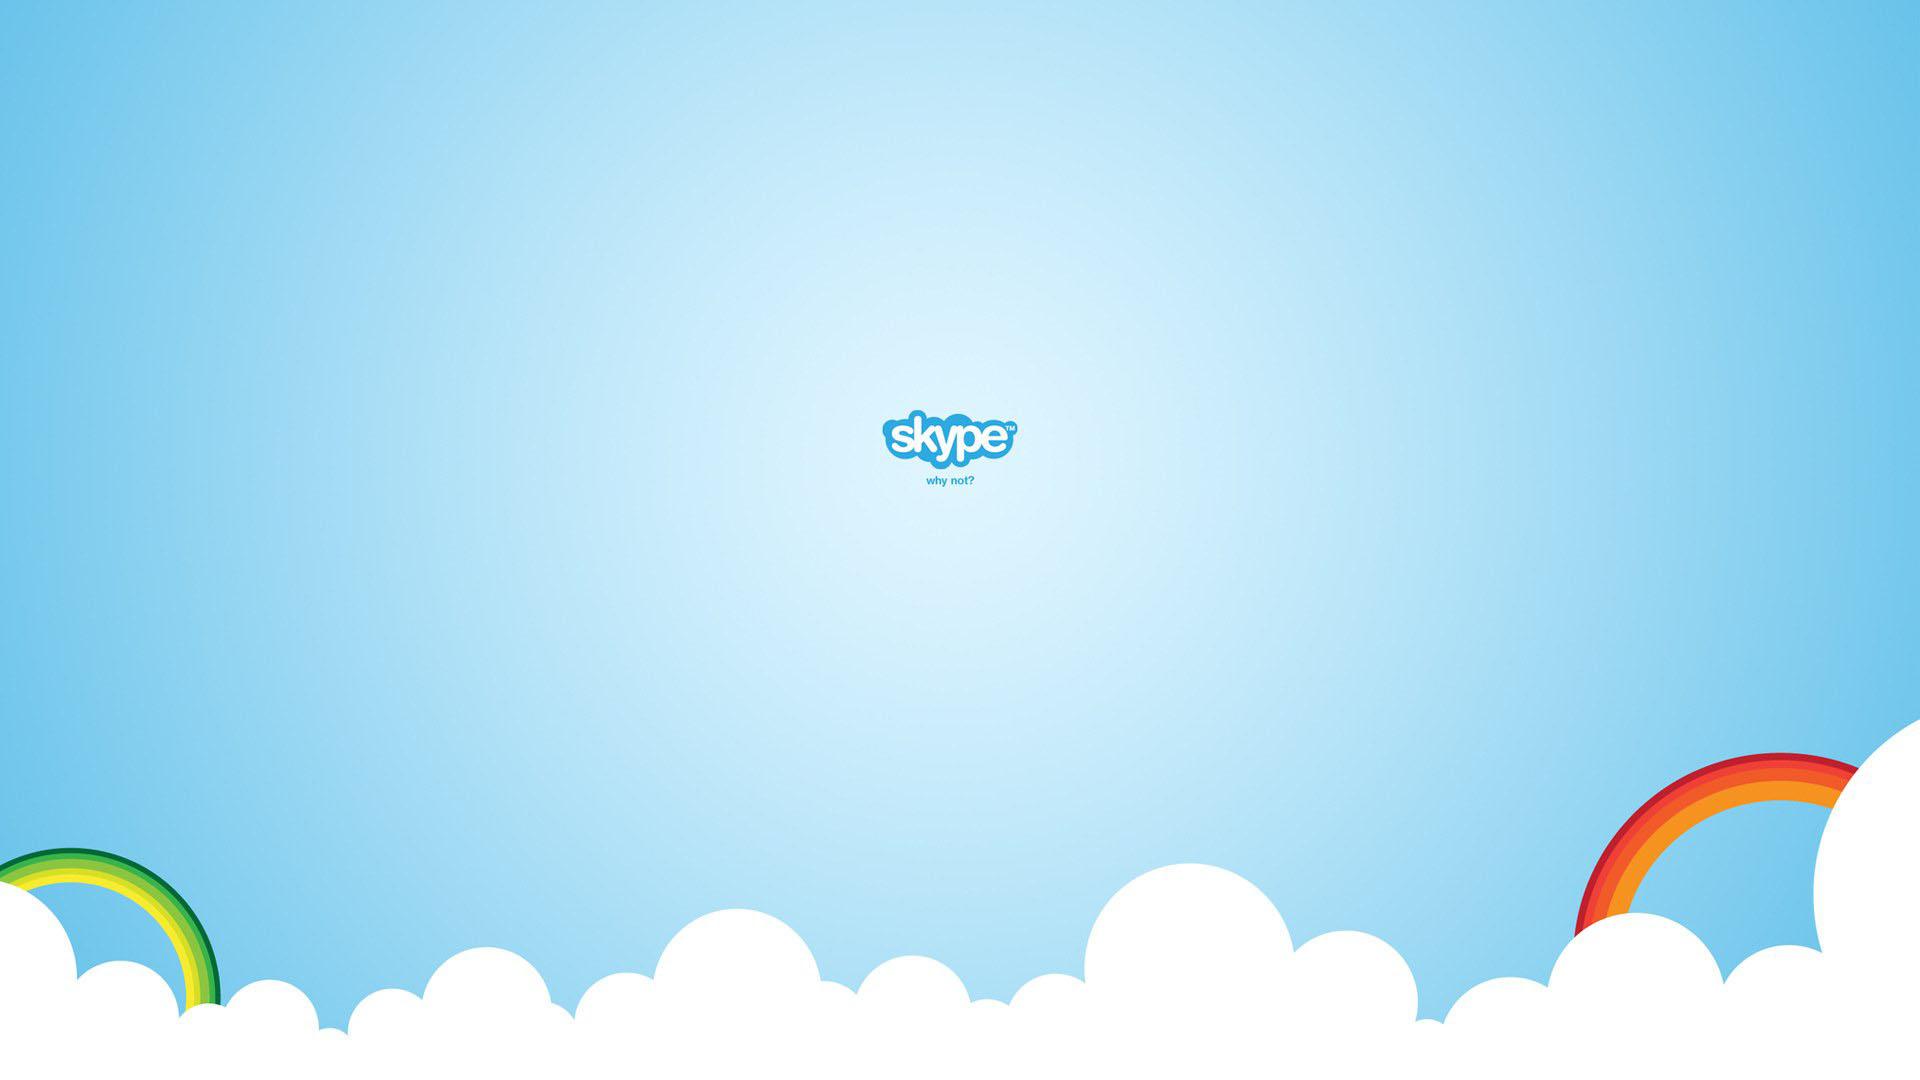 蓝色背景清新天空极简PPT背景图片免费下载是由PPT宝藏(www.pptbz.com)会员zengmin上传推荐的淡雅PPT背景图片, 更新时间为2017-01-14,素材编号119330。 在古代汉语中,也有人用碧落来形容天空。碧落是道家称东方第一层天,碧霞满空,叫做碧落。后来泛指天上(天空)。 很多时候一个简单的问题就可能引出一个很深的学问或者道理,就拿我们天天可以看见的天空来说吧,为什么天空是蓝色的呢?